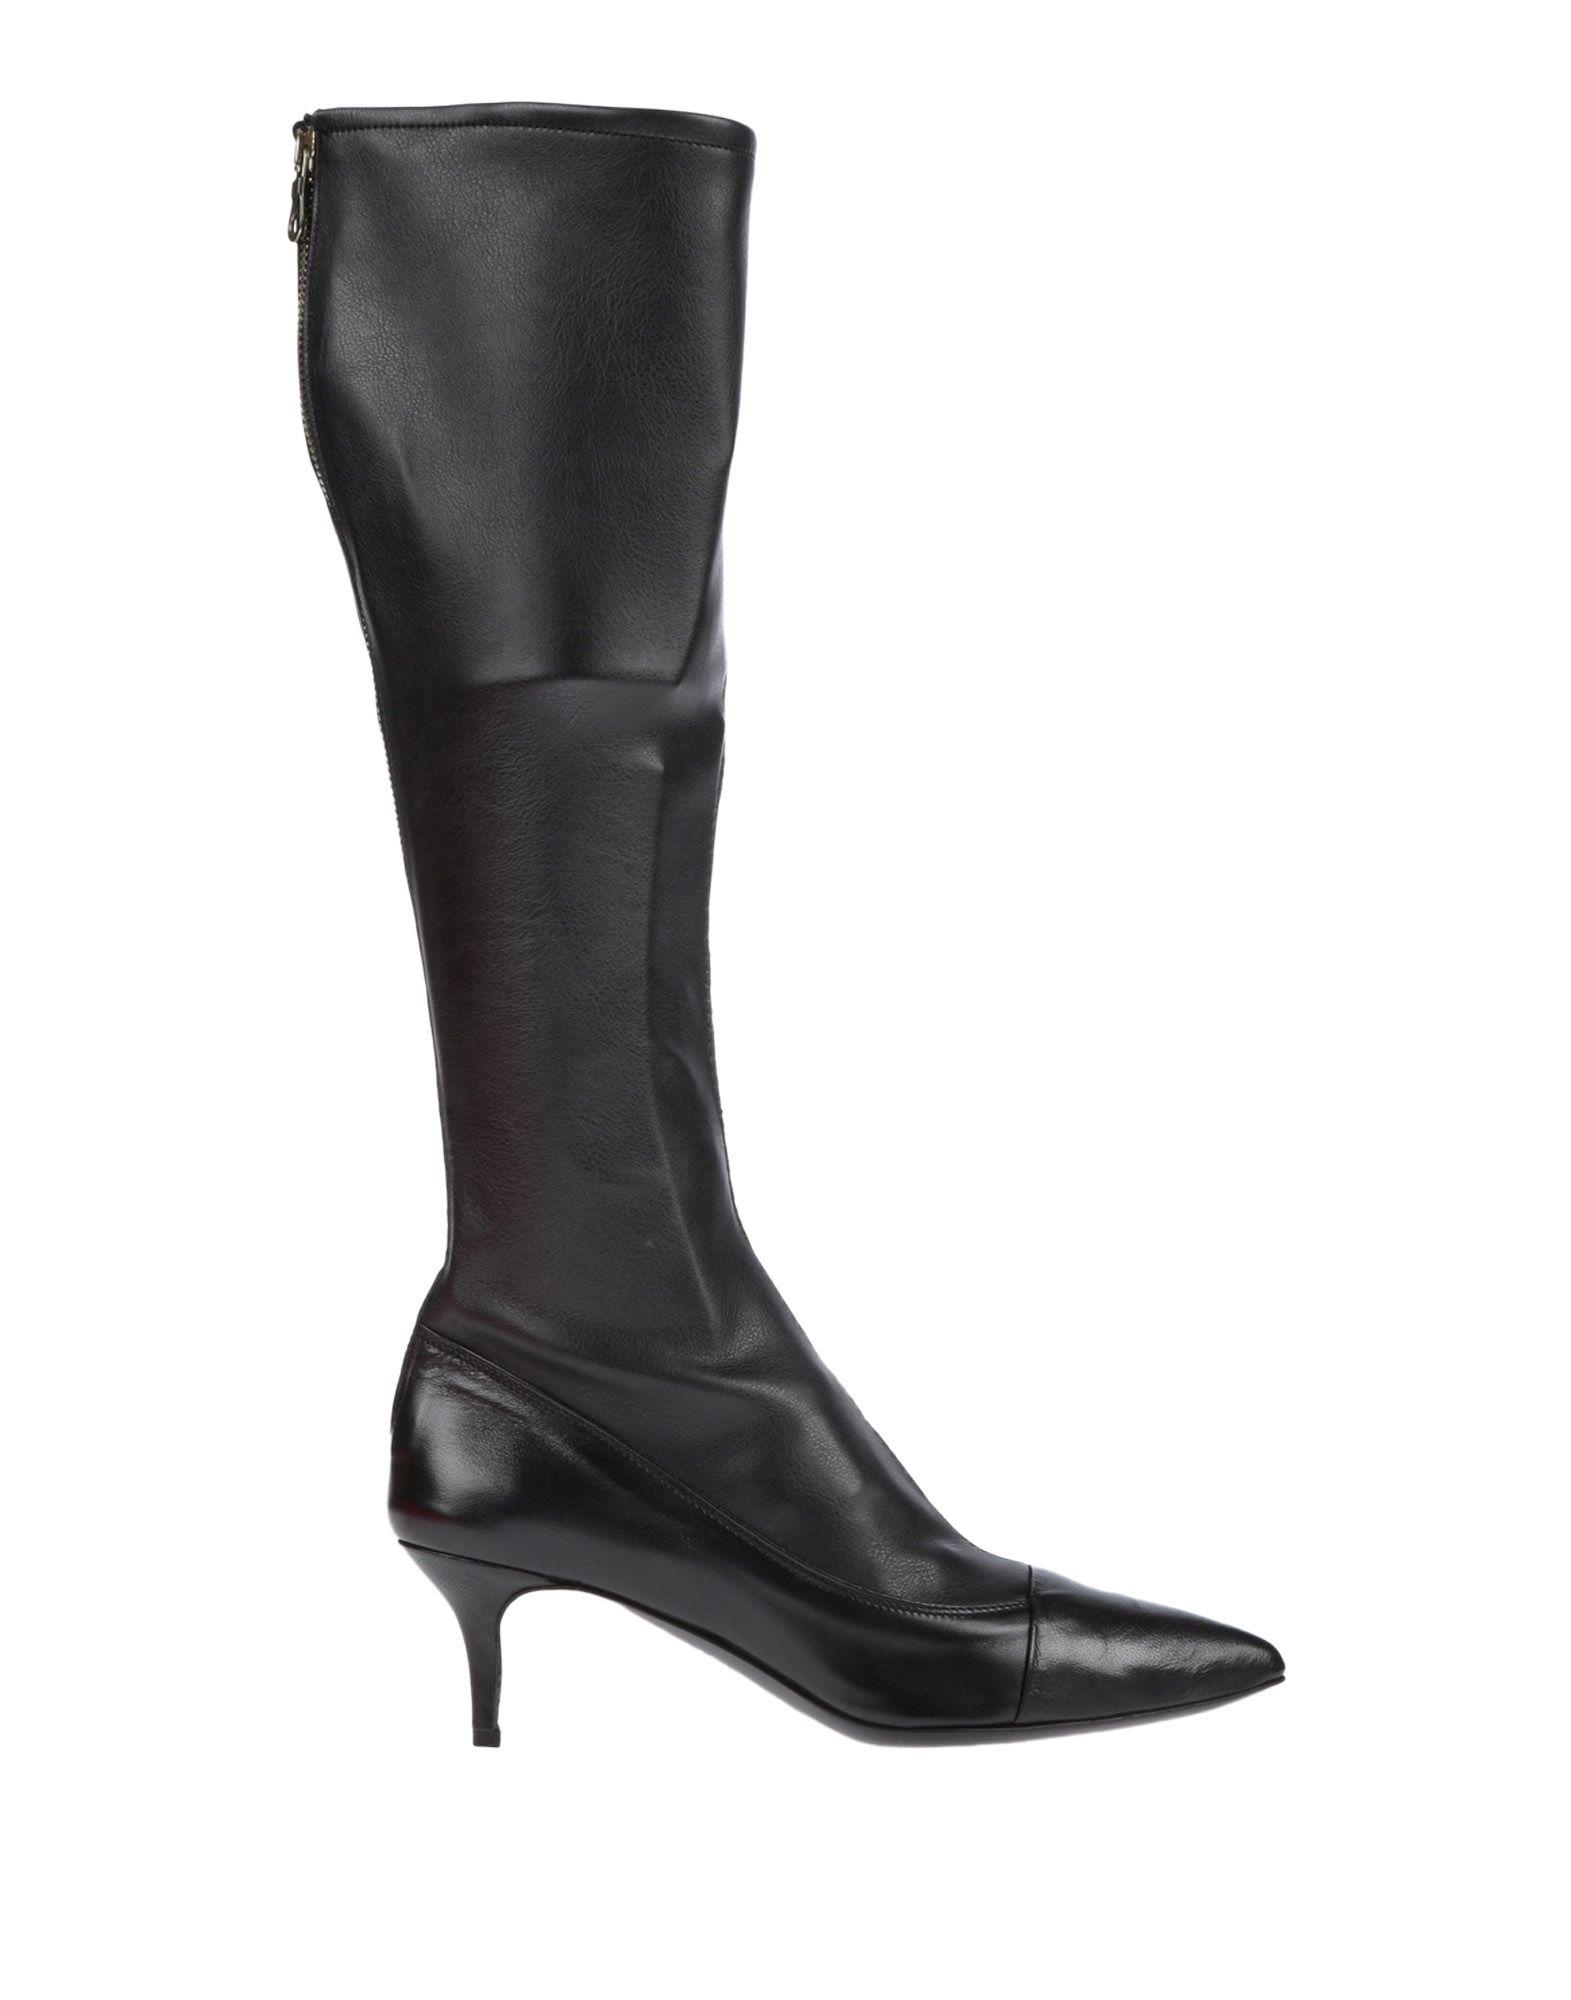 Moda Stivali L'arianna Donna - 11524855PI